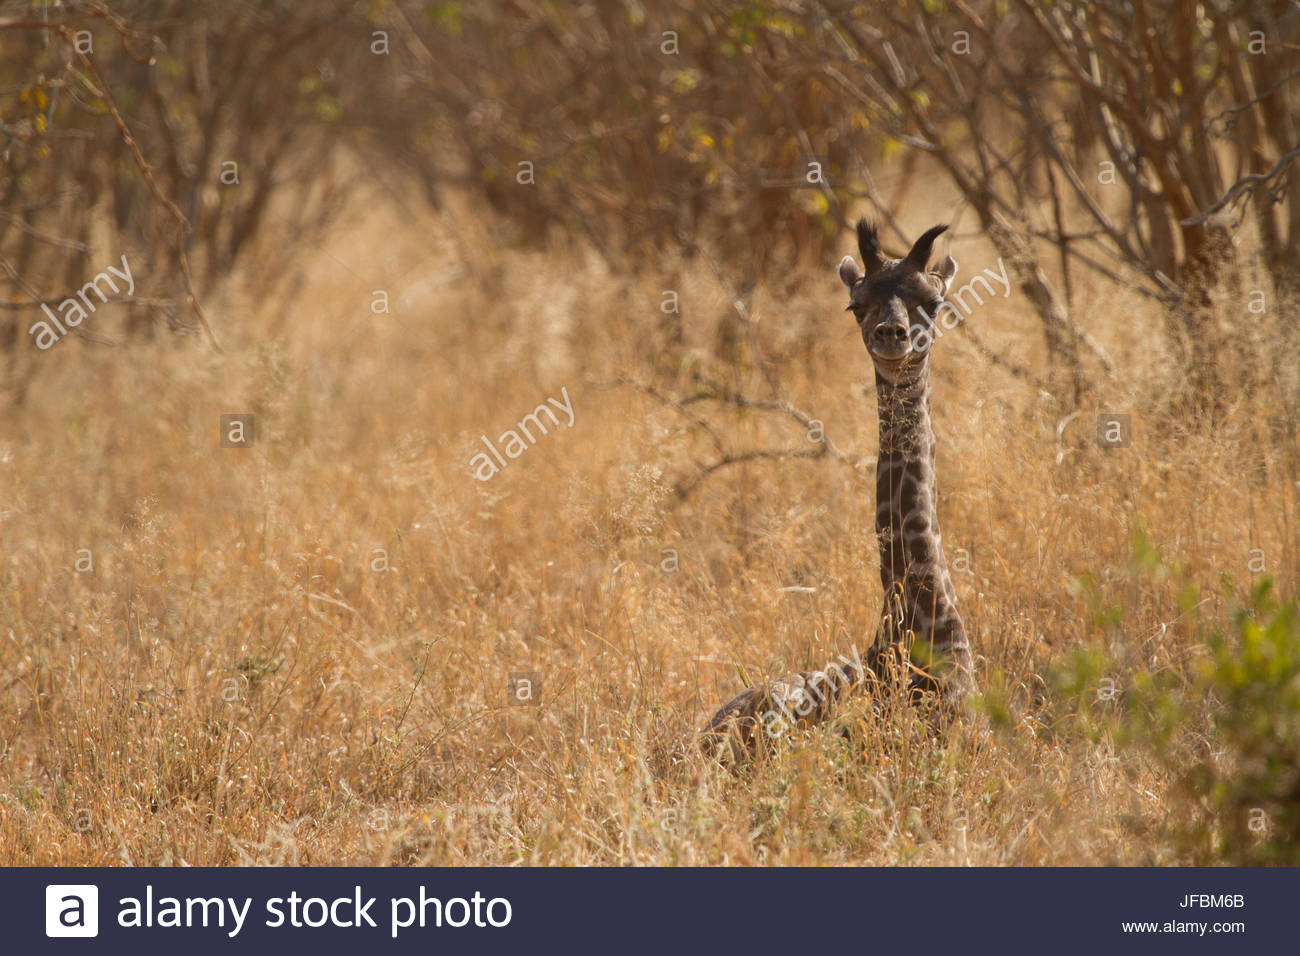 Ein Jugendlicher Giraffe versteckt in hohe Gräser. Stockbild